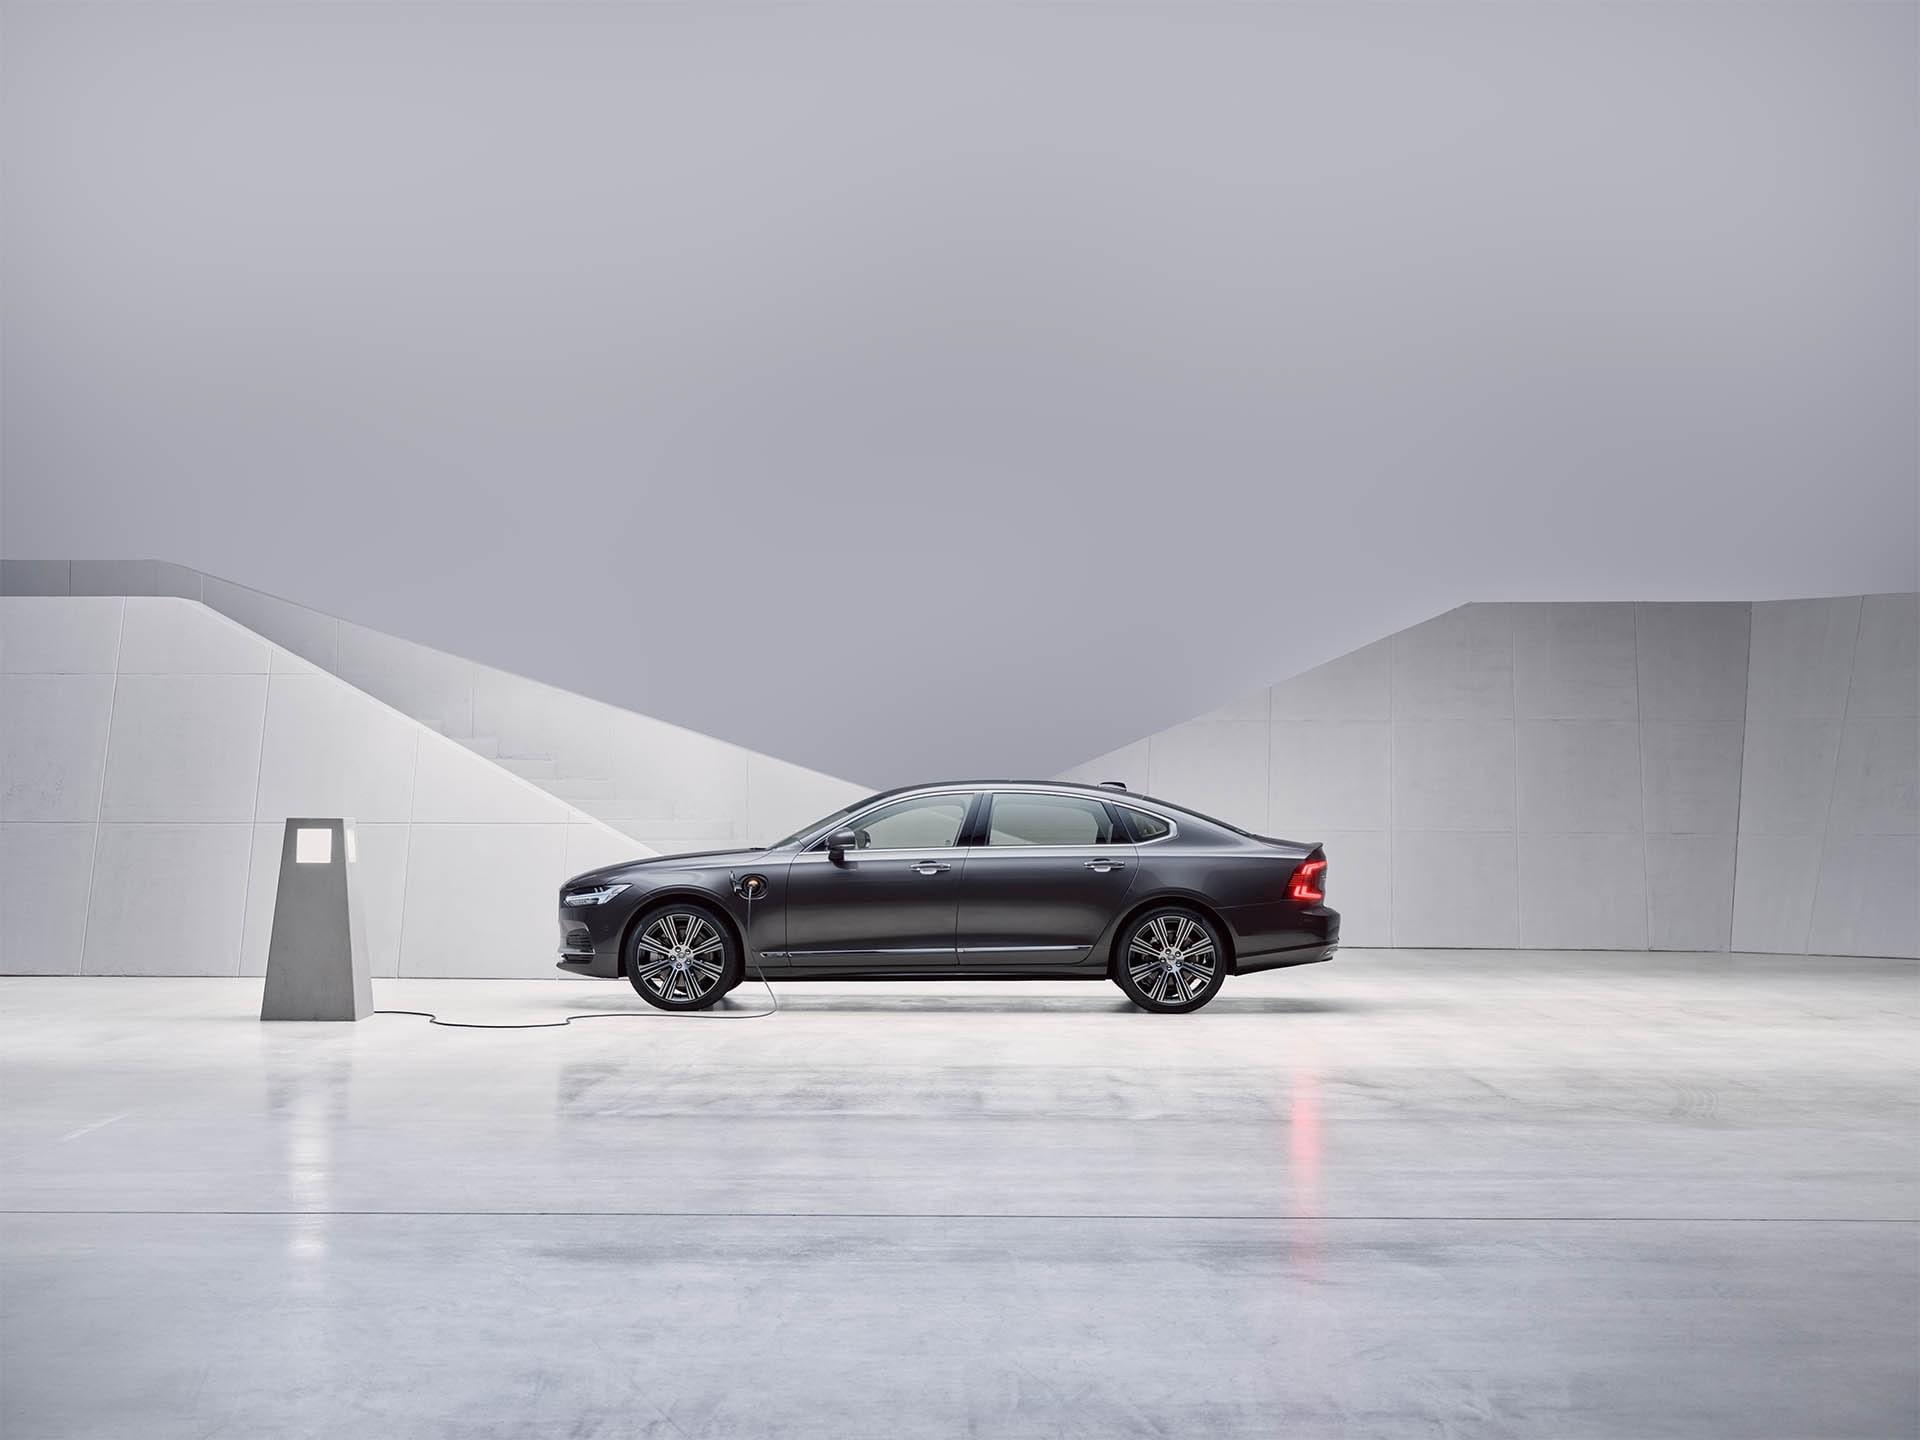 Egy kavicsszürke Volvo S90 plug-in hibrid szedán parkol és töltés alatt van